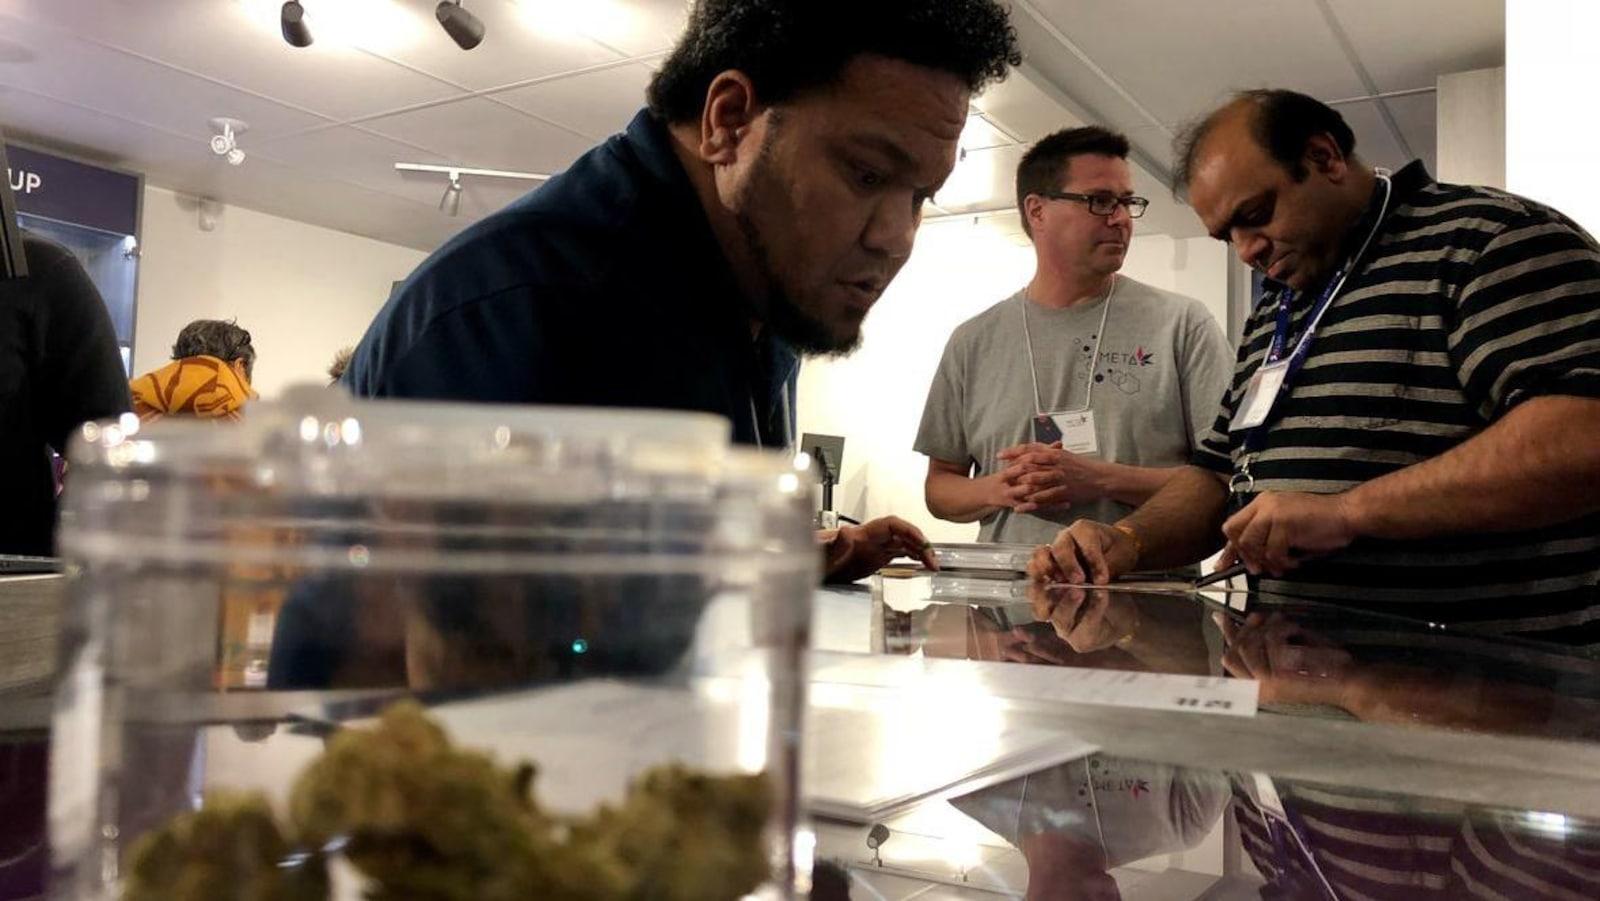 Trois hommes regardent une liste de produits sur un comptoir avec, à l'avant-plan, un pot contenant des cocottes de cannabis.